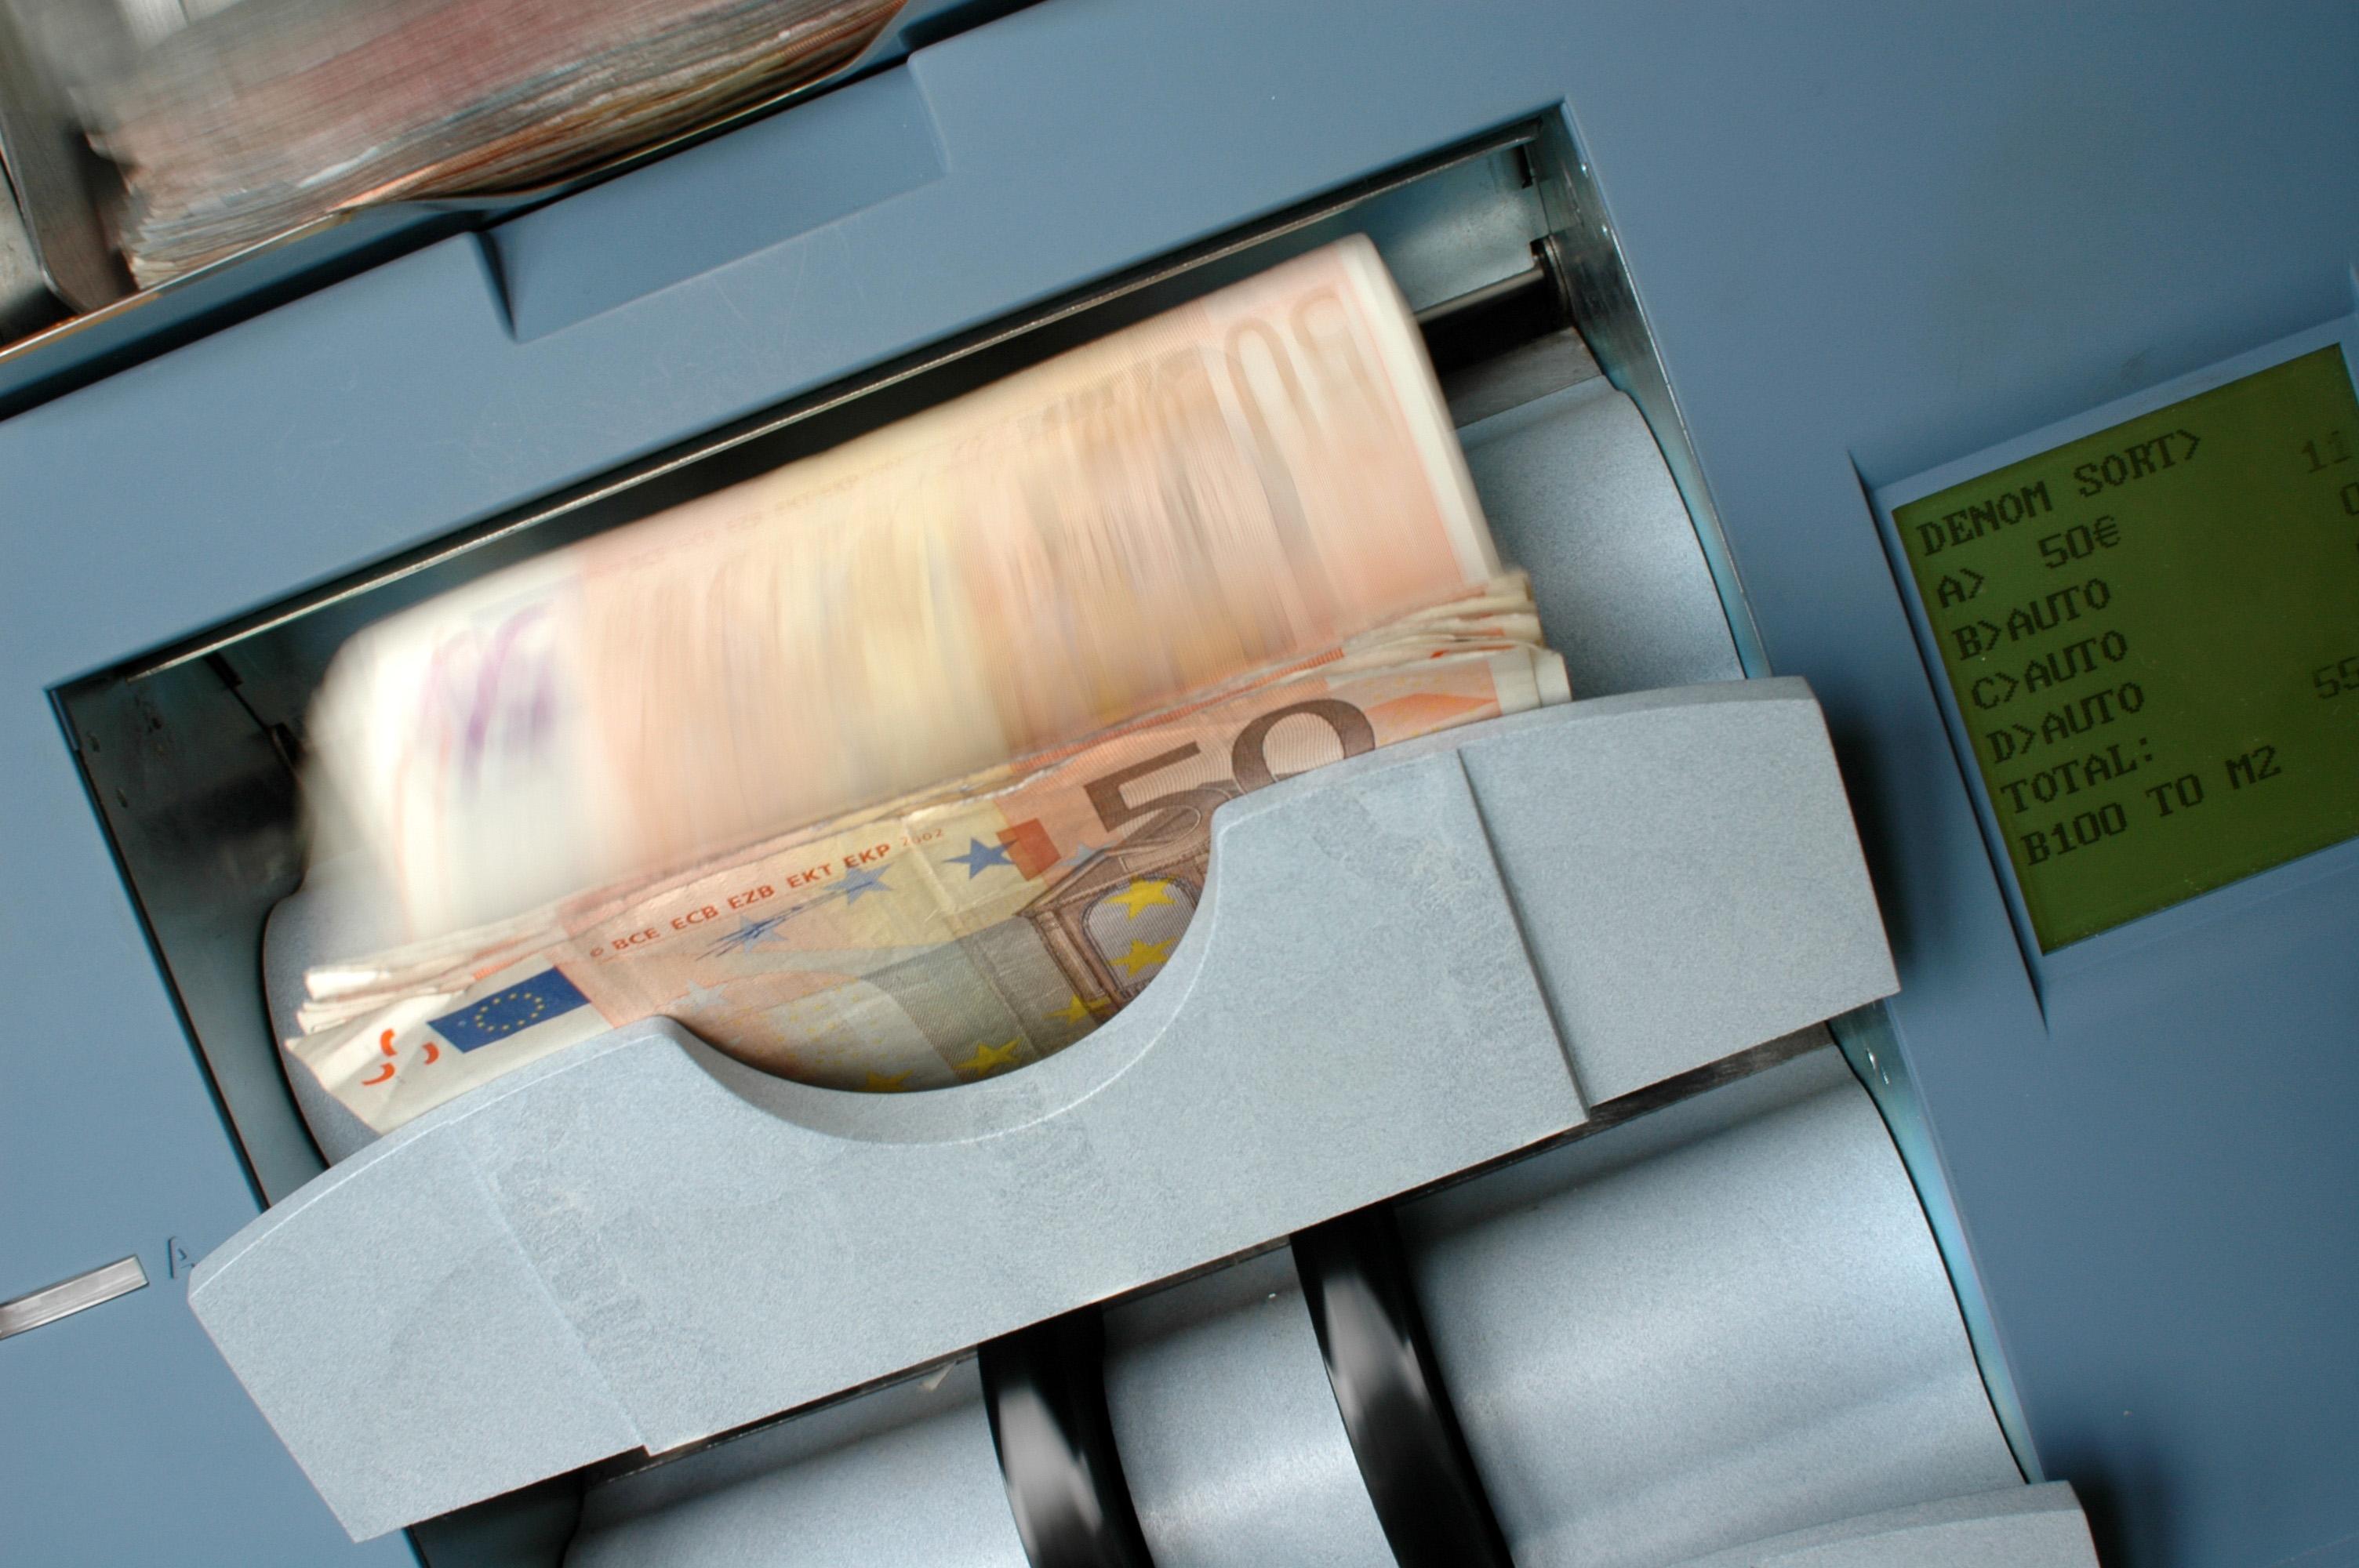 Hazte con un contador y detector de dinero